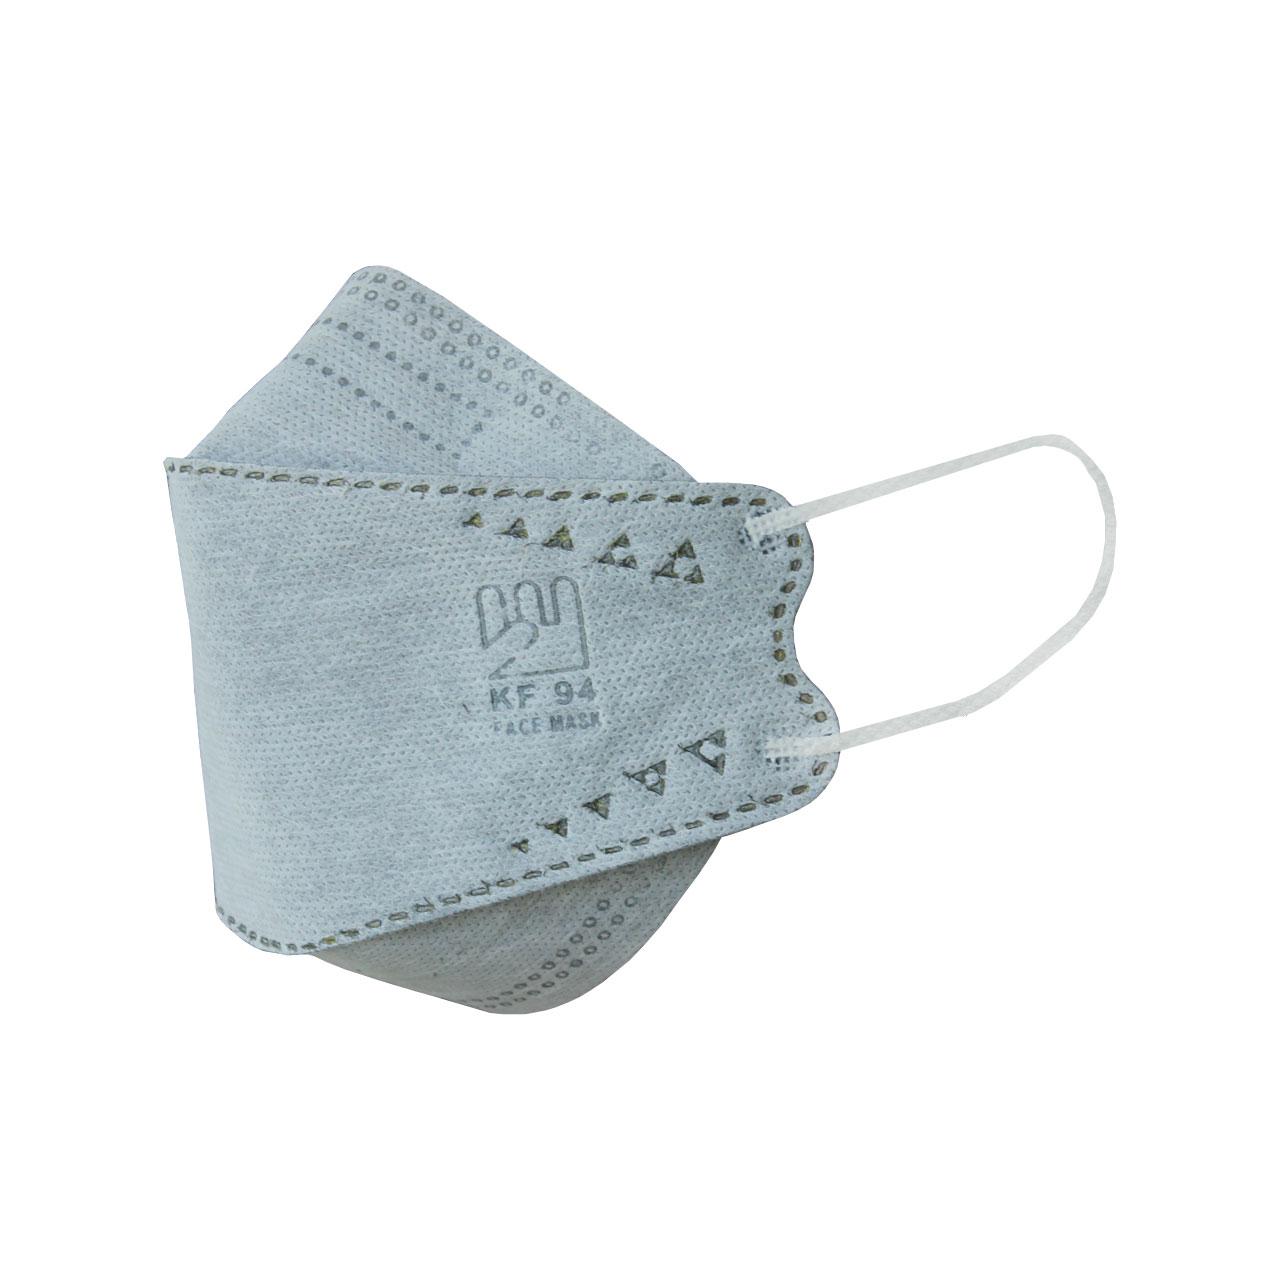 ماسک تنفسی بهسا مدل 3D-BSA-25- Gry بسته 25 عددی